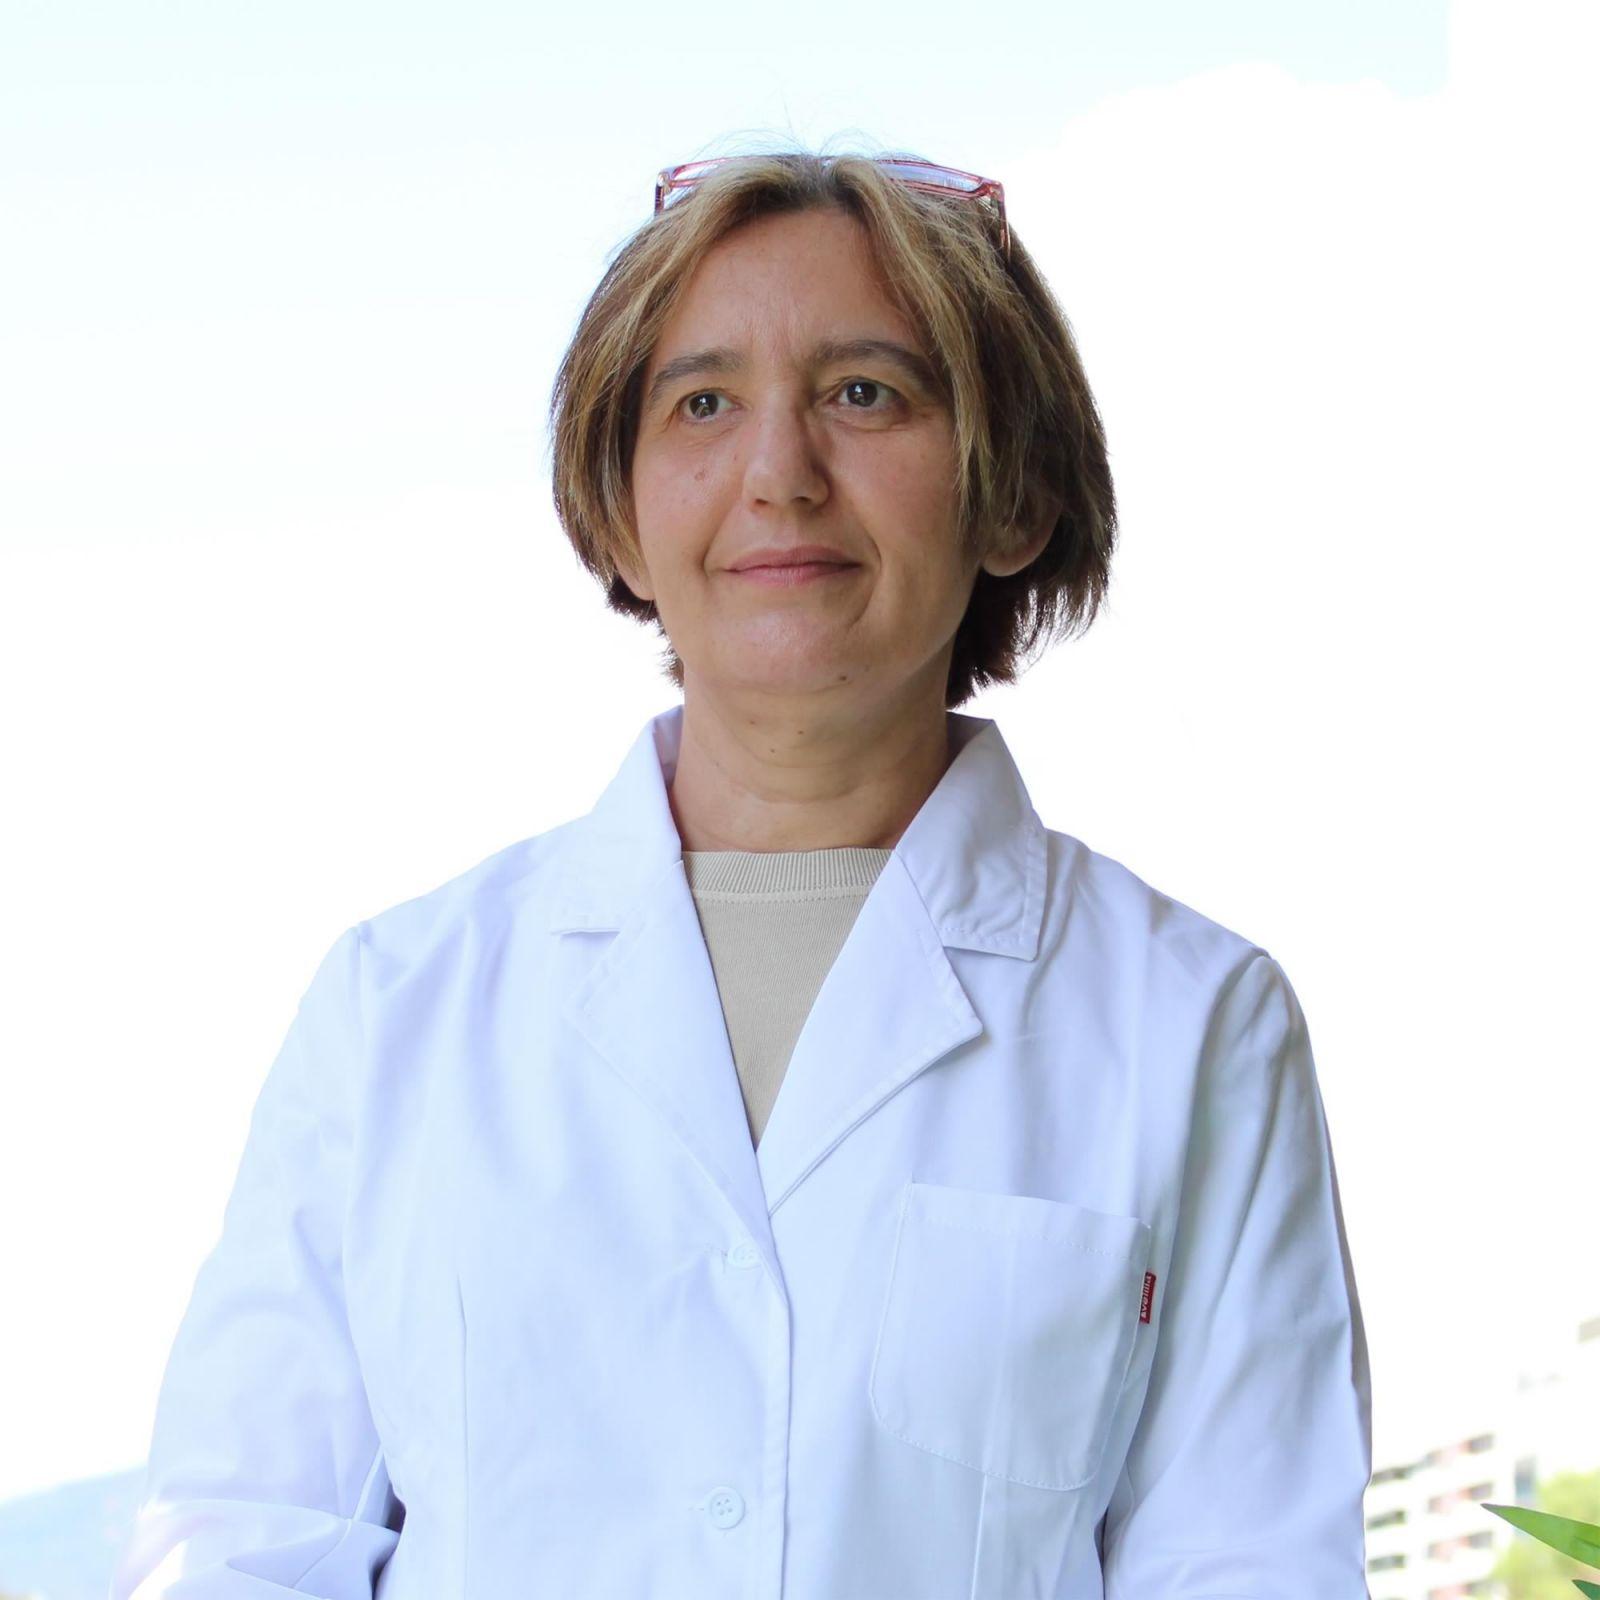 Doctora Belen Perfecto Analisis Navarra